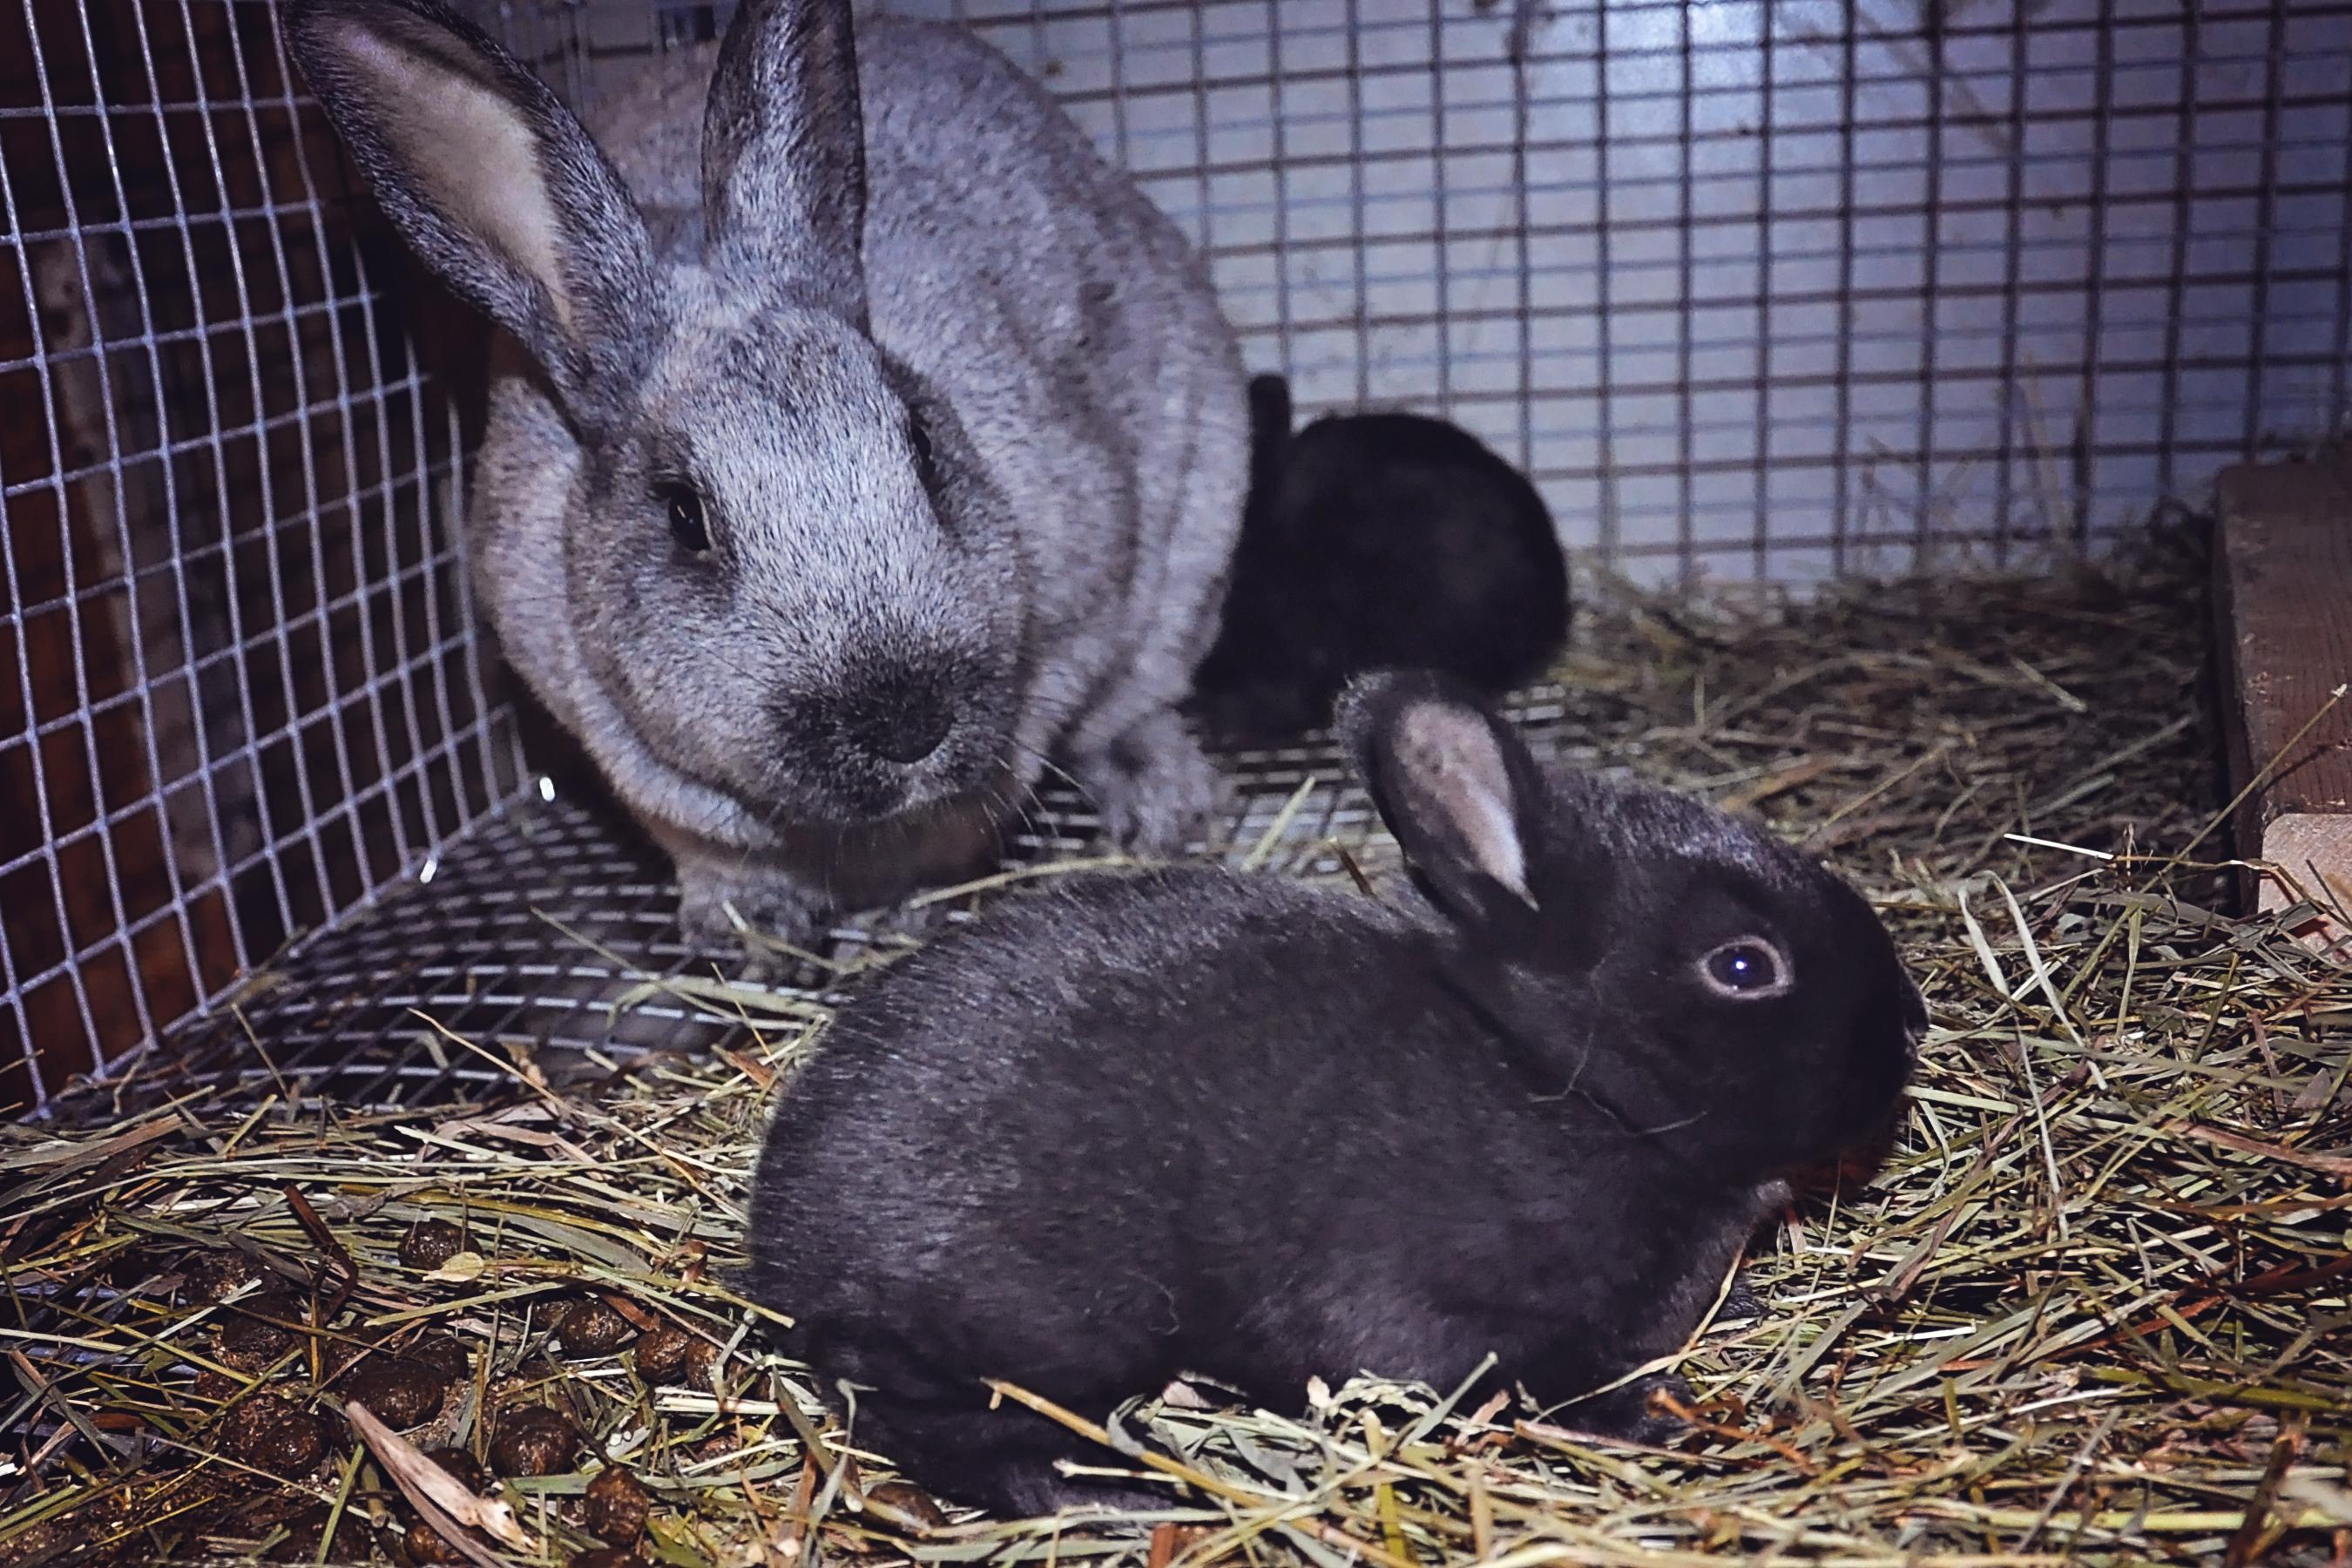 Chlothilde et lapinou - 3 semaines